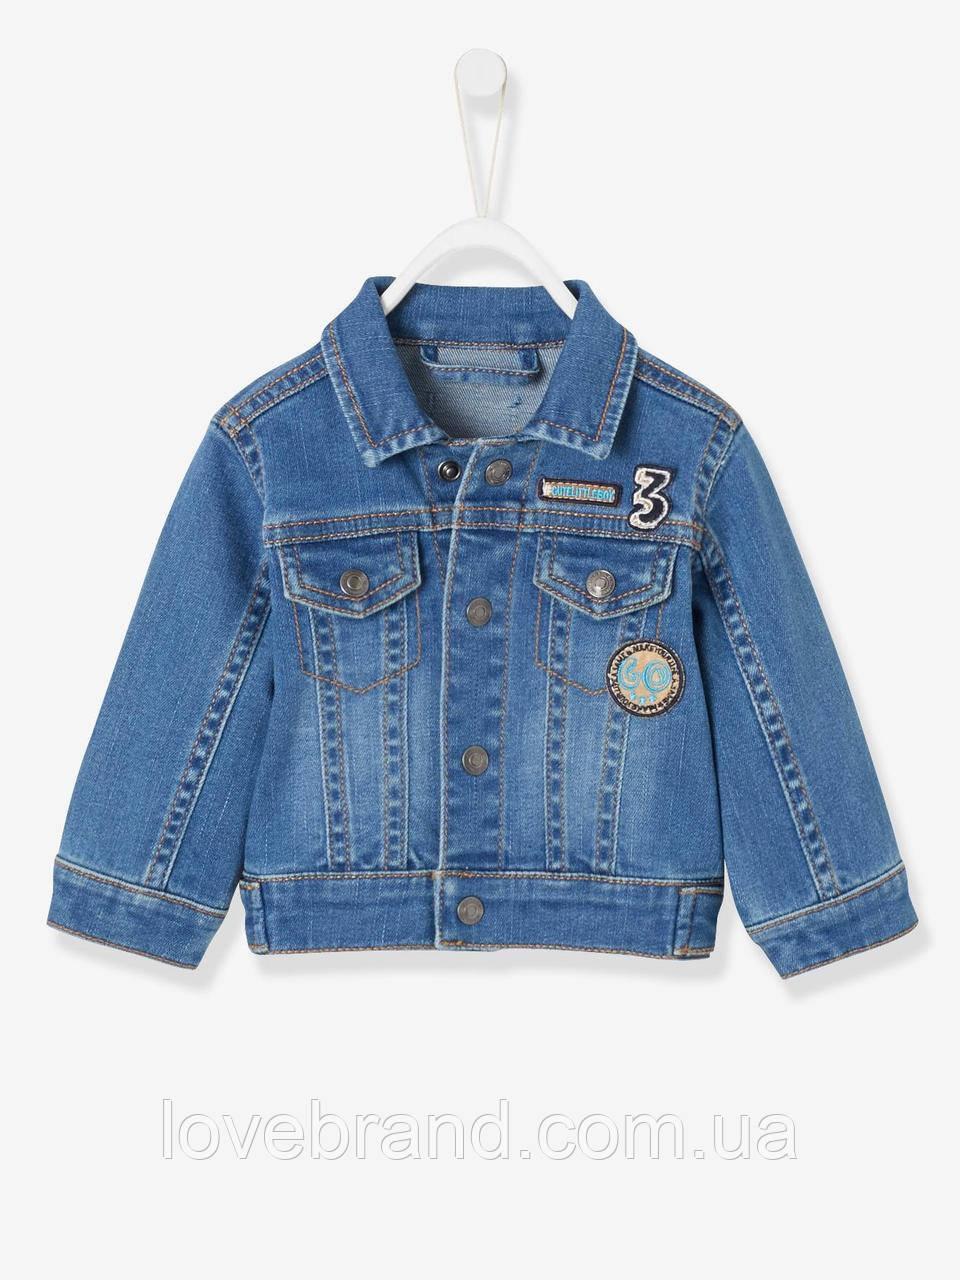 Детская джинсовая курточка для малыша Vertbaudet (Франция) ,для  мальчика 18 мес/80 см